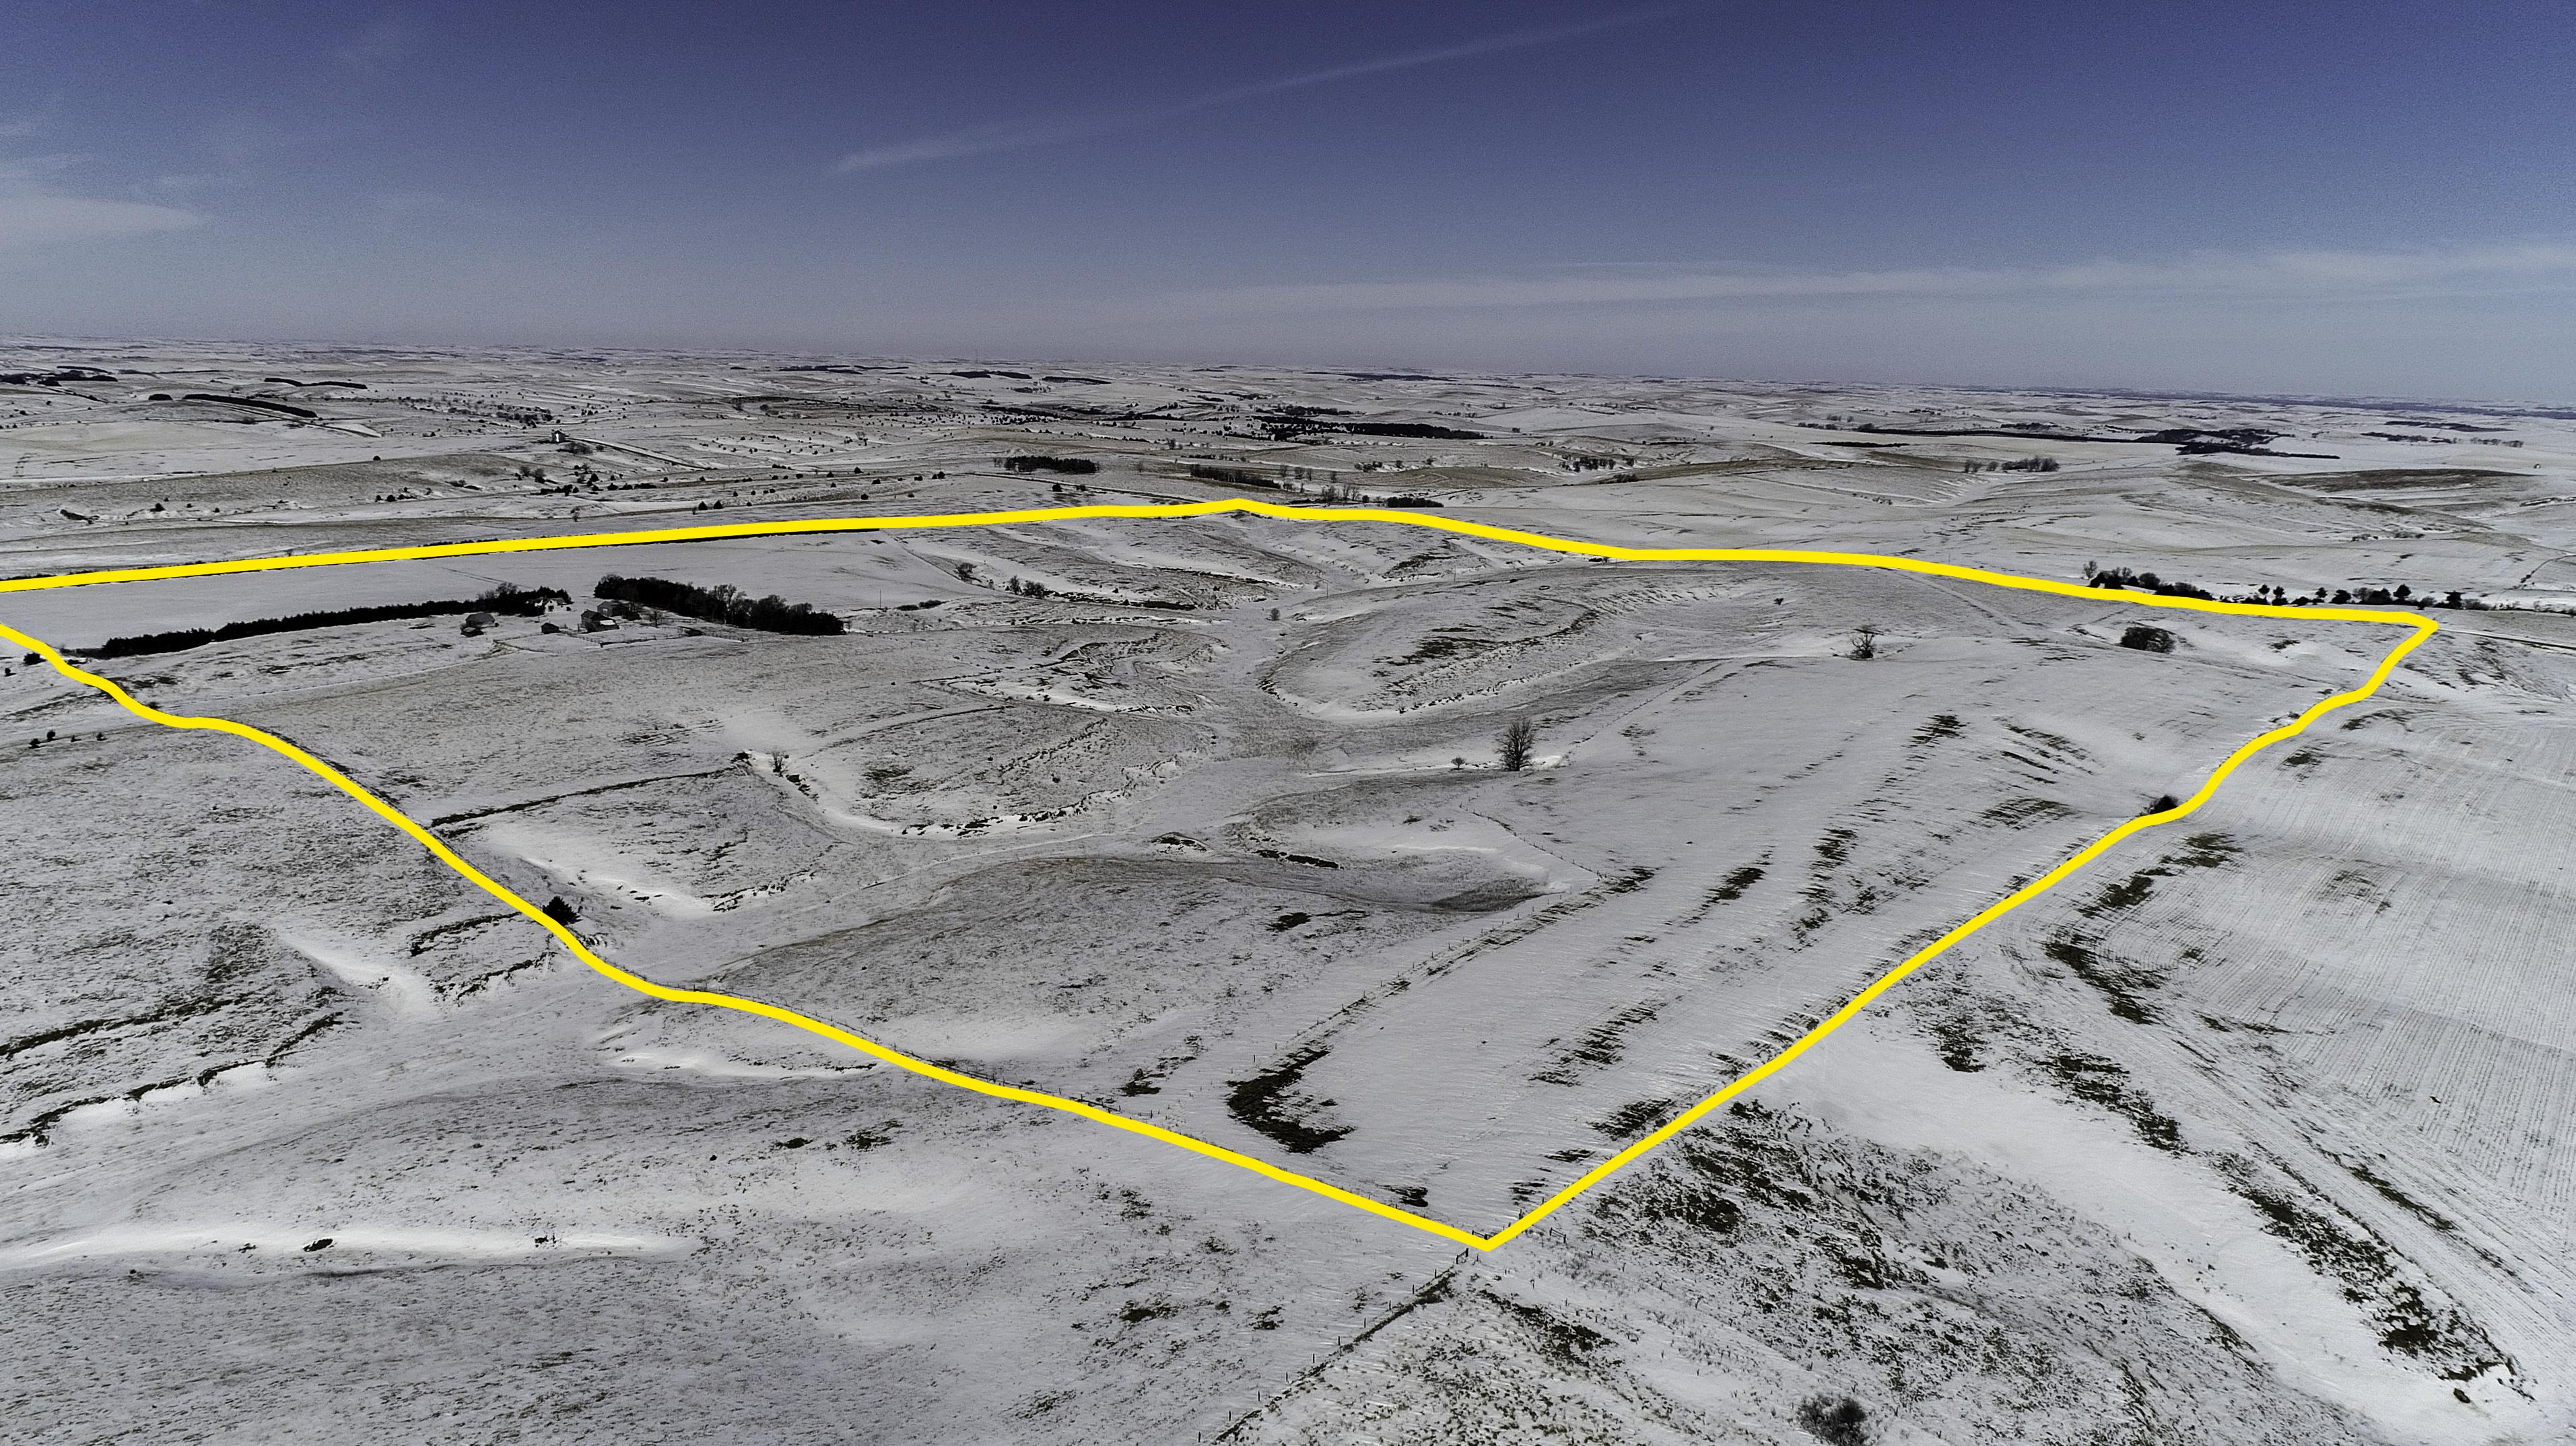 Kaminski_Aerial.jpg